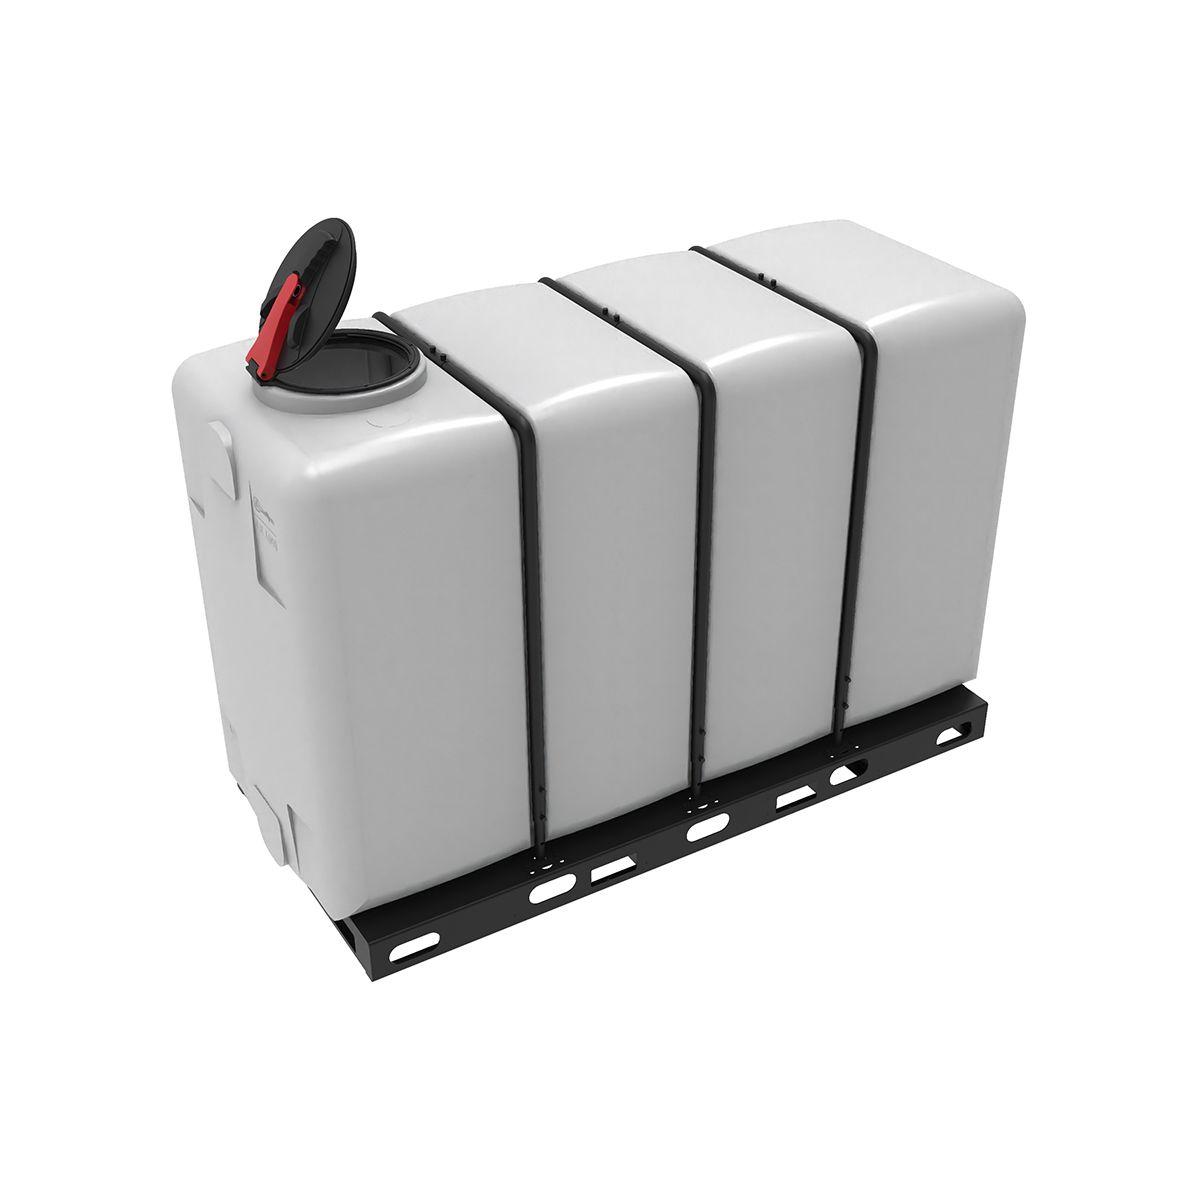 Емкость KR 4000 пластиковая прямоугольная в обрешетке с откидной крышкой